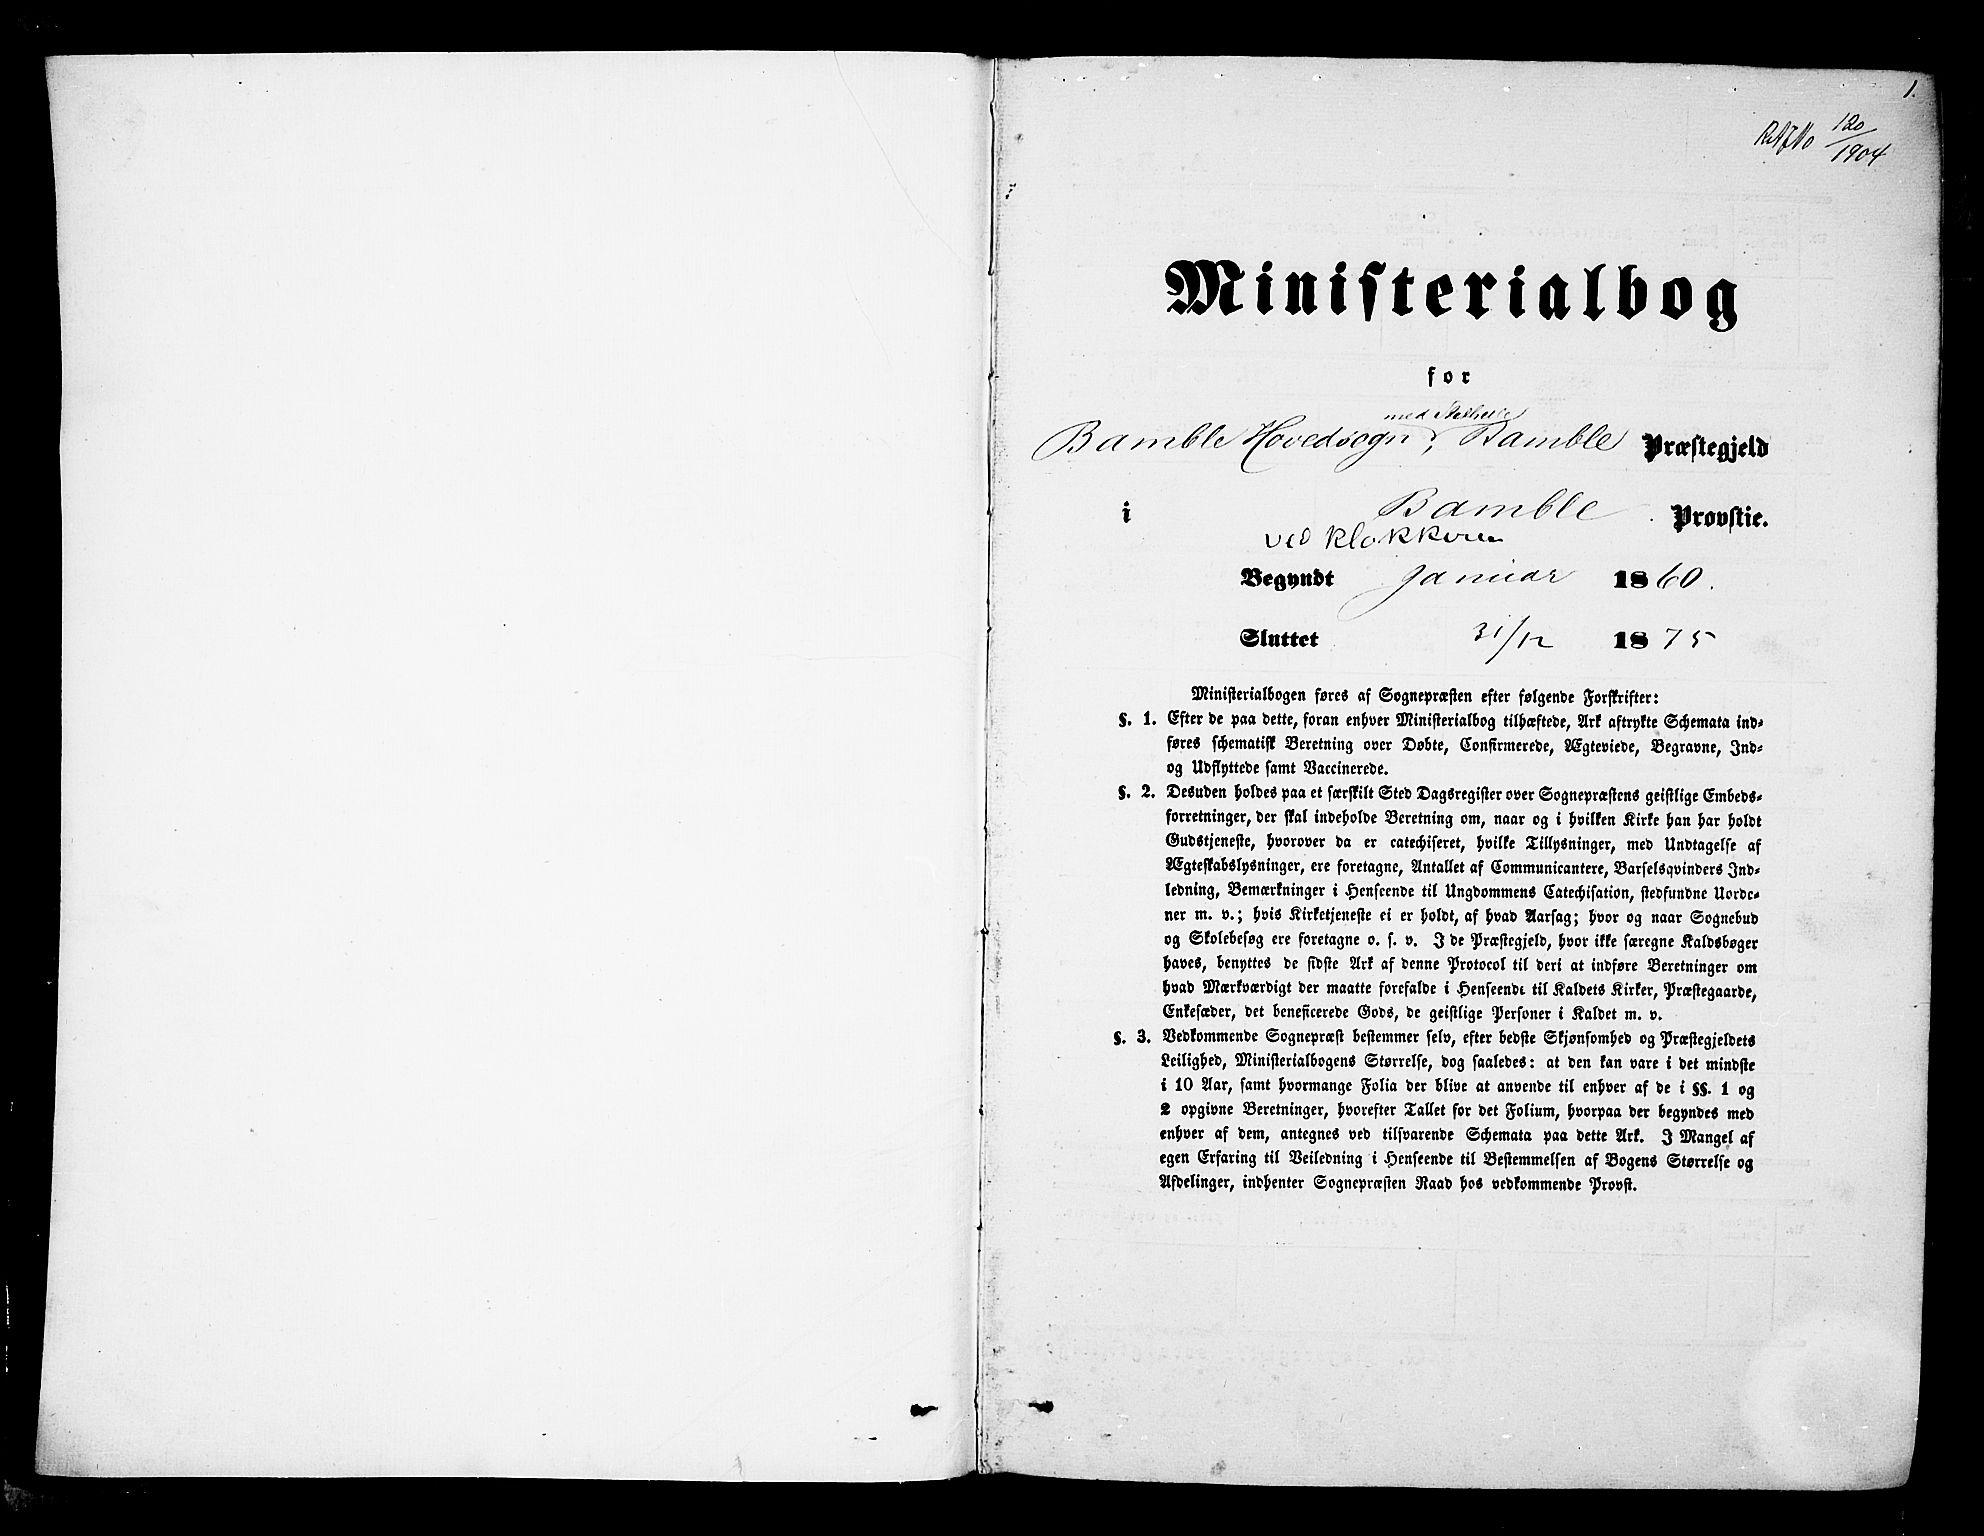 SAKO, Bamble kirkebøker, G/Ga/L0006: Klokkerbok nr. I 6, 1860-1876, s. 1